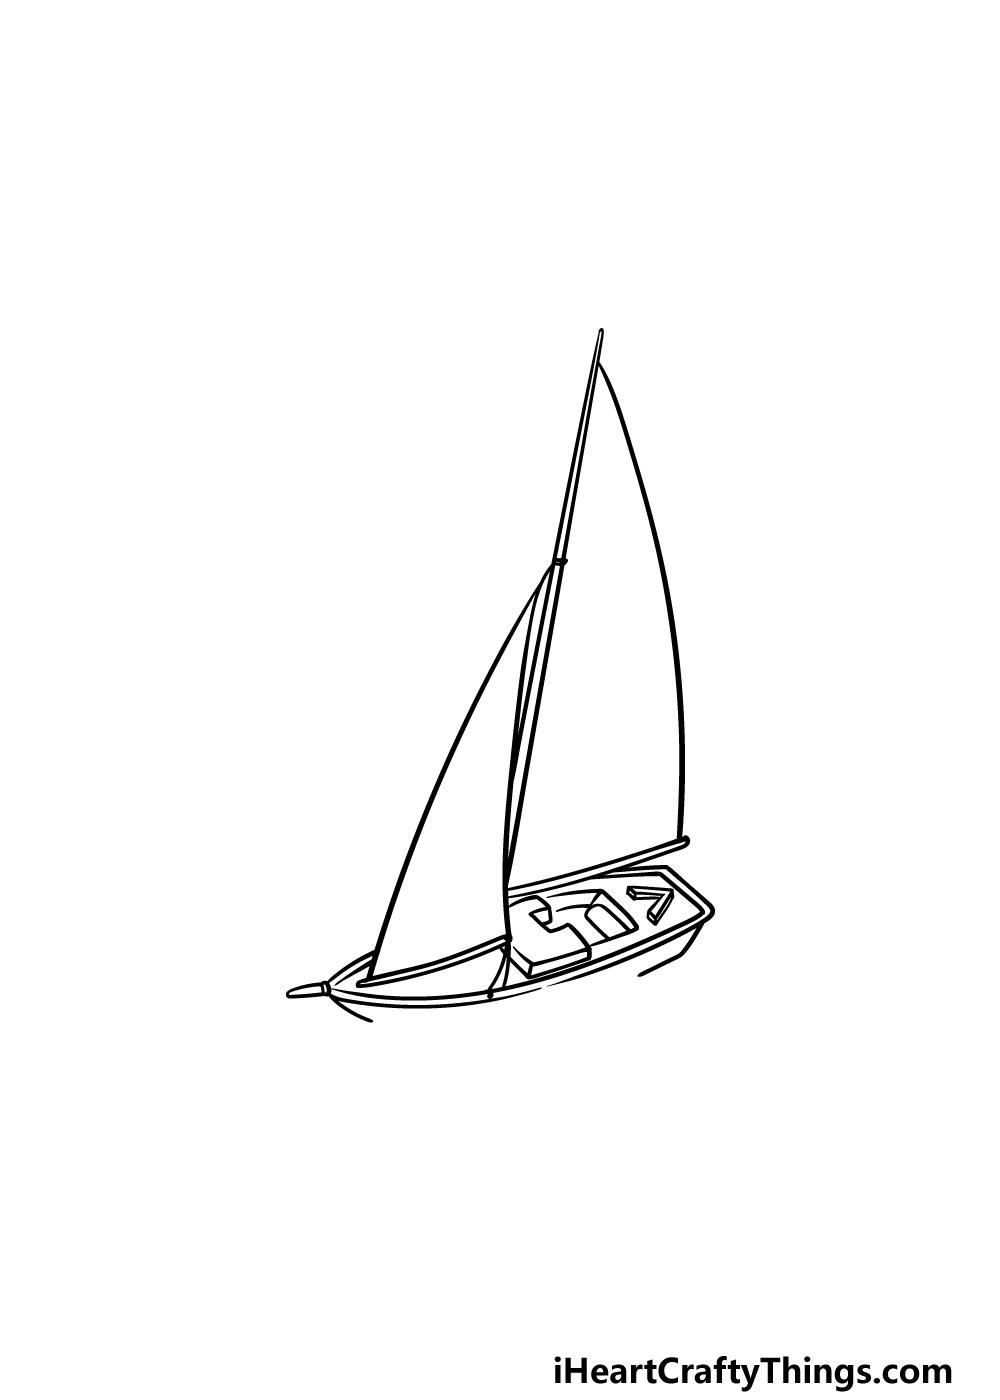 drawing a sailboat step 3